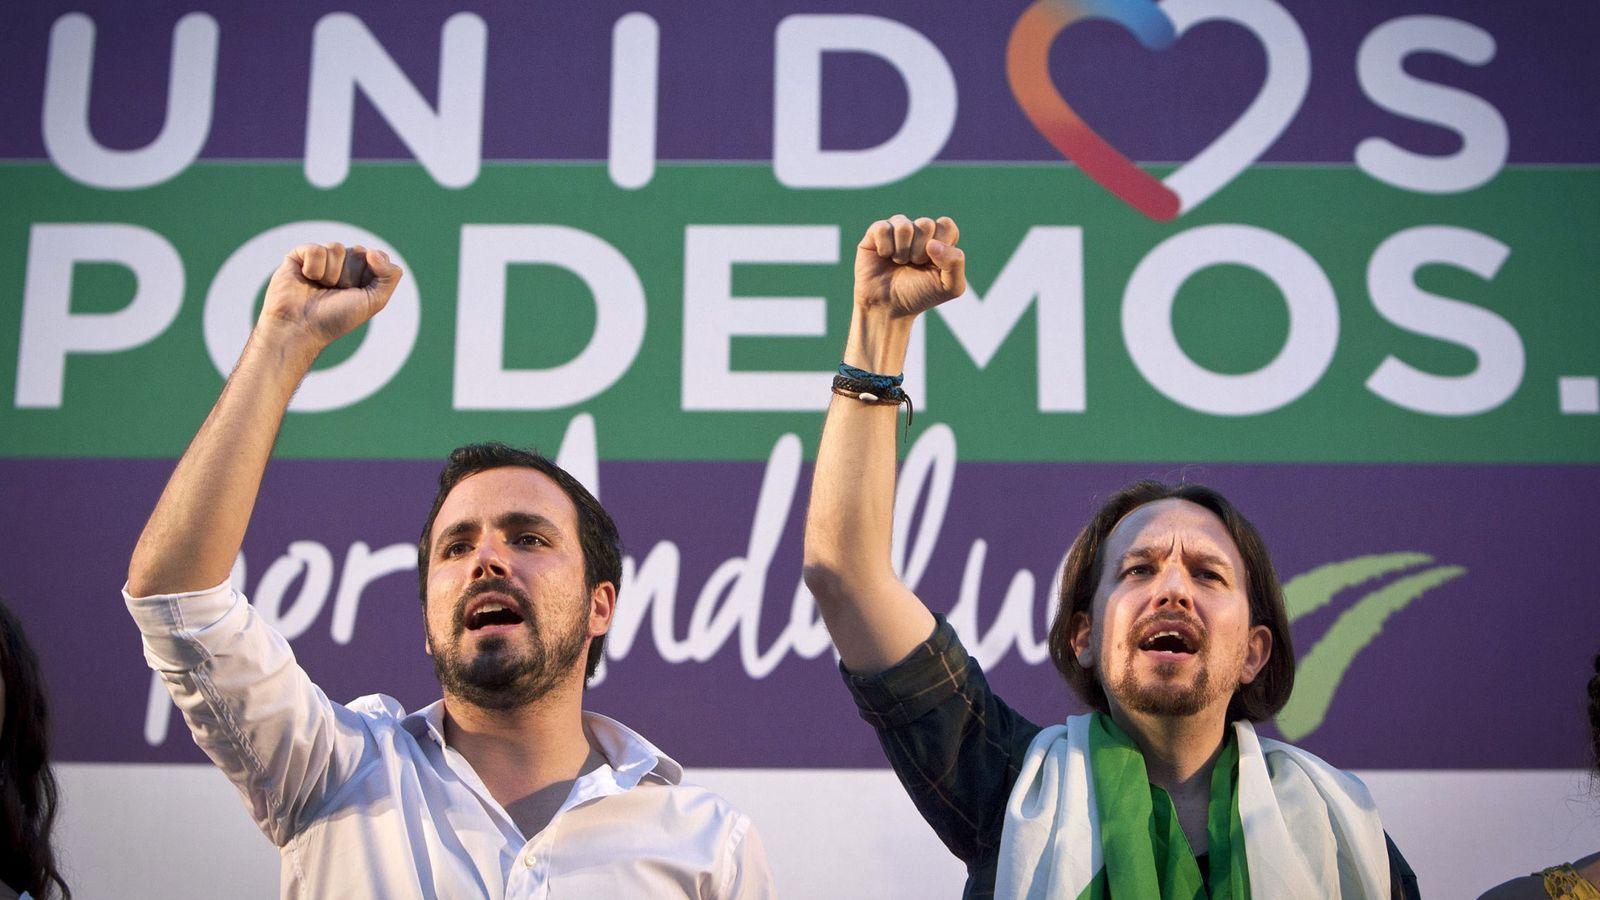 Foto: El líder de Podemos y candidato a la Presidencia del Gobierno por Unidos Podemos, Pablo Iglesias, y el coordinador general de Izquierda Unida y candidato al Congreso, Alberto Garzón. (Efe)